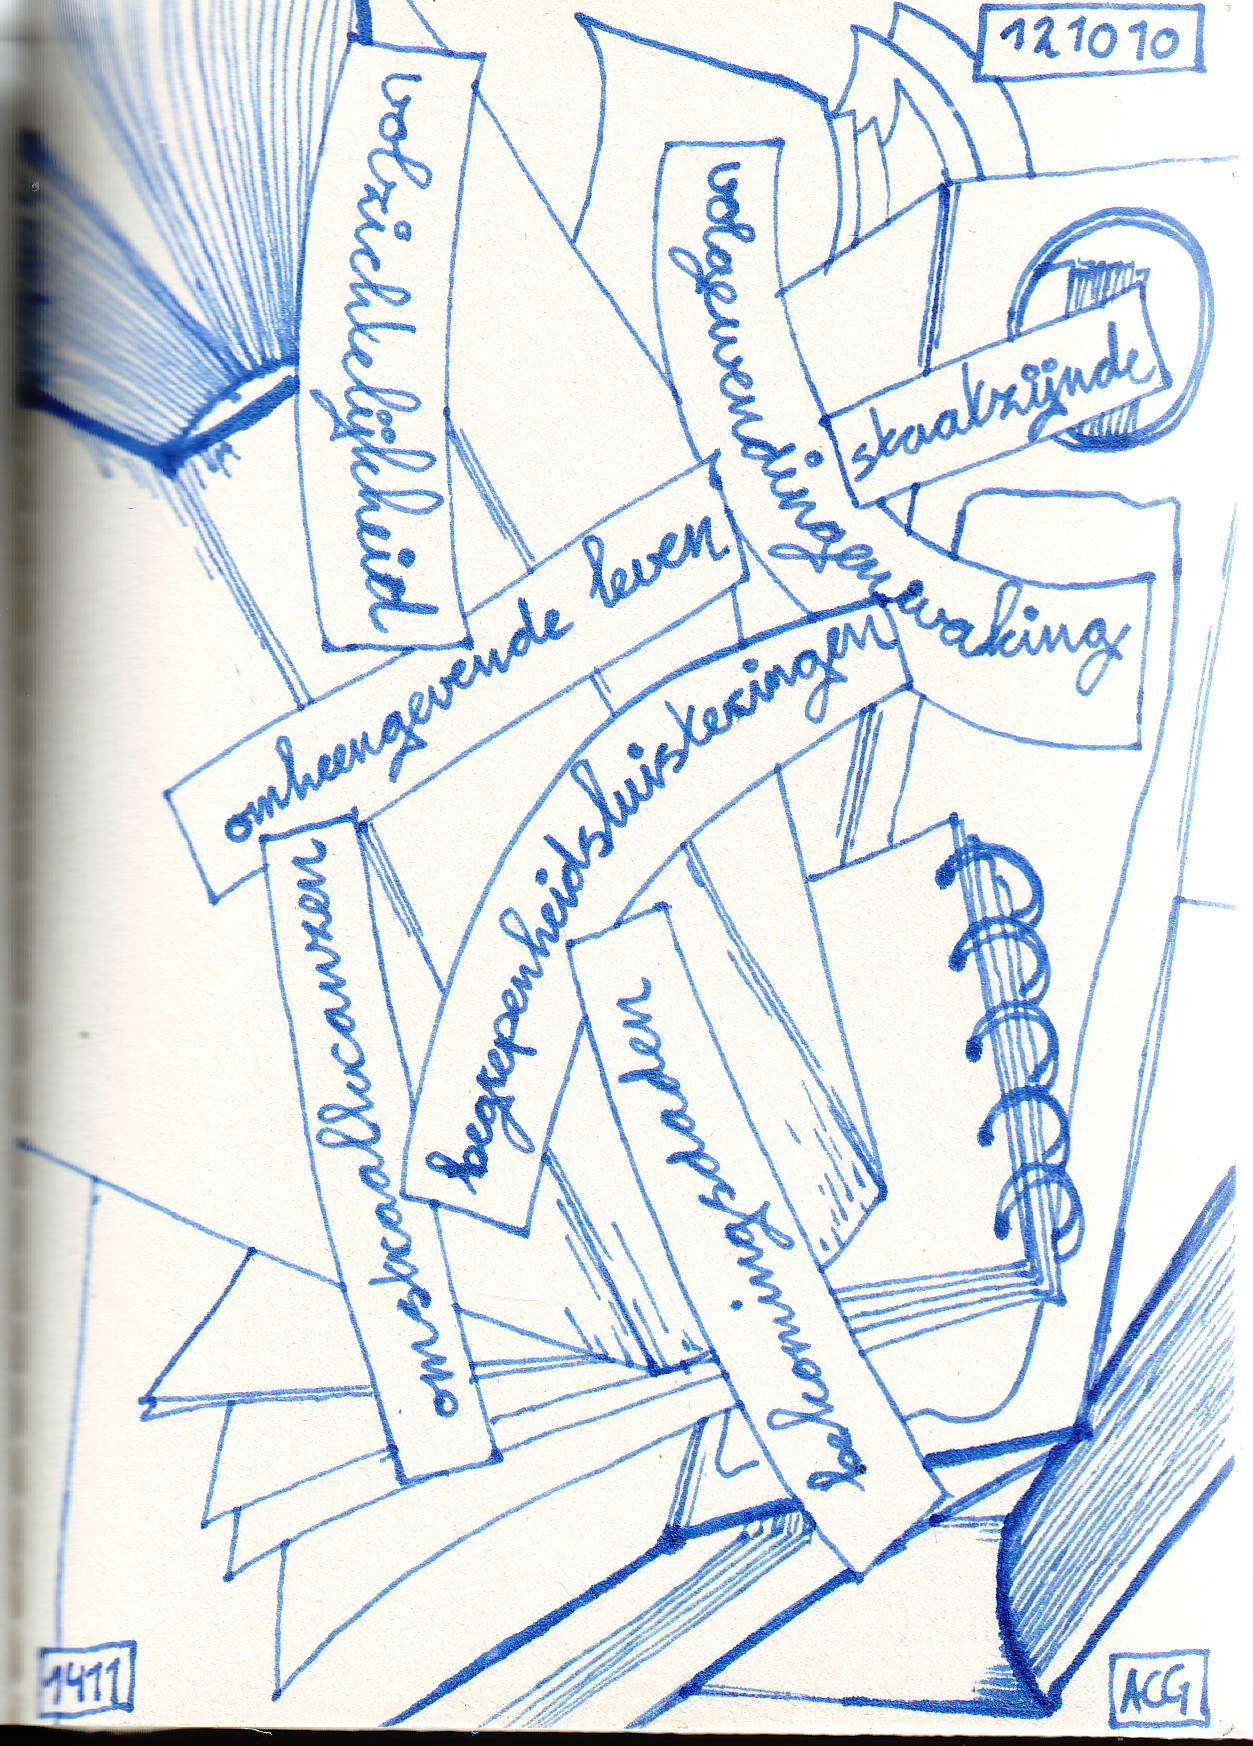 poëziecartoon 12/10/2010 acg vianen